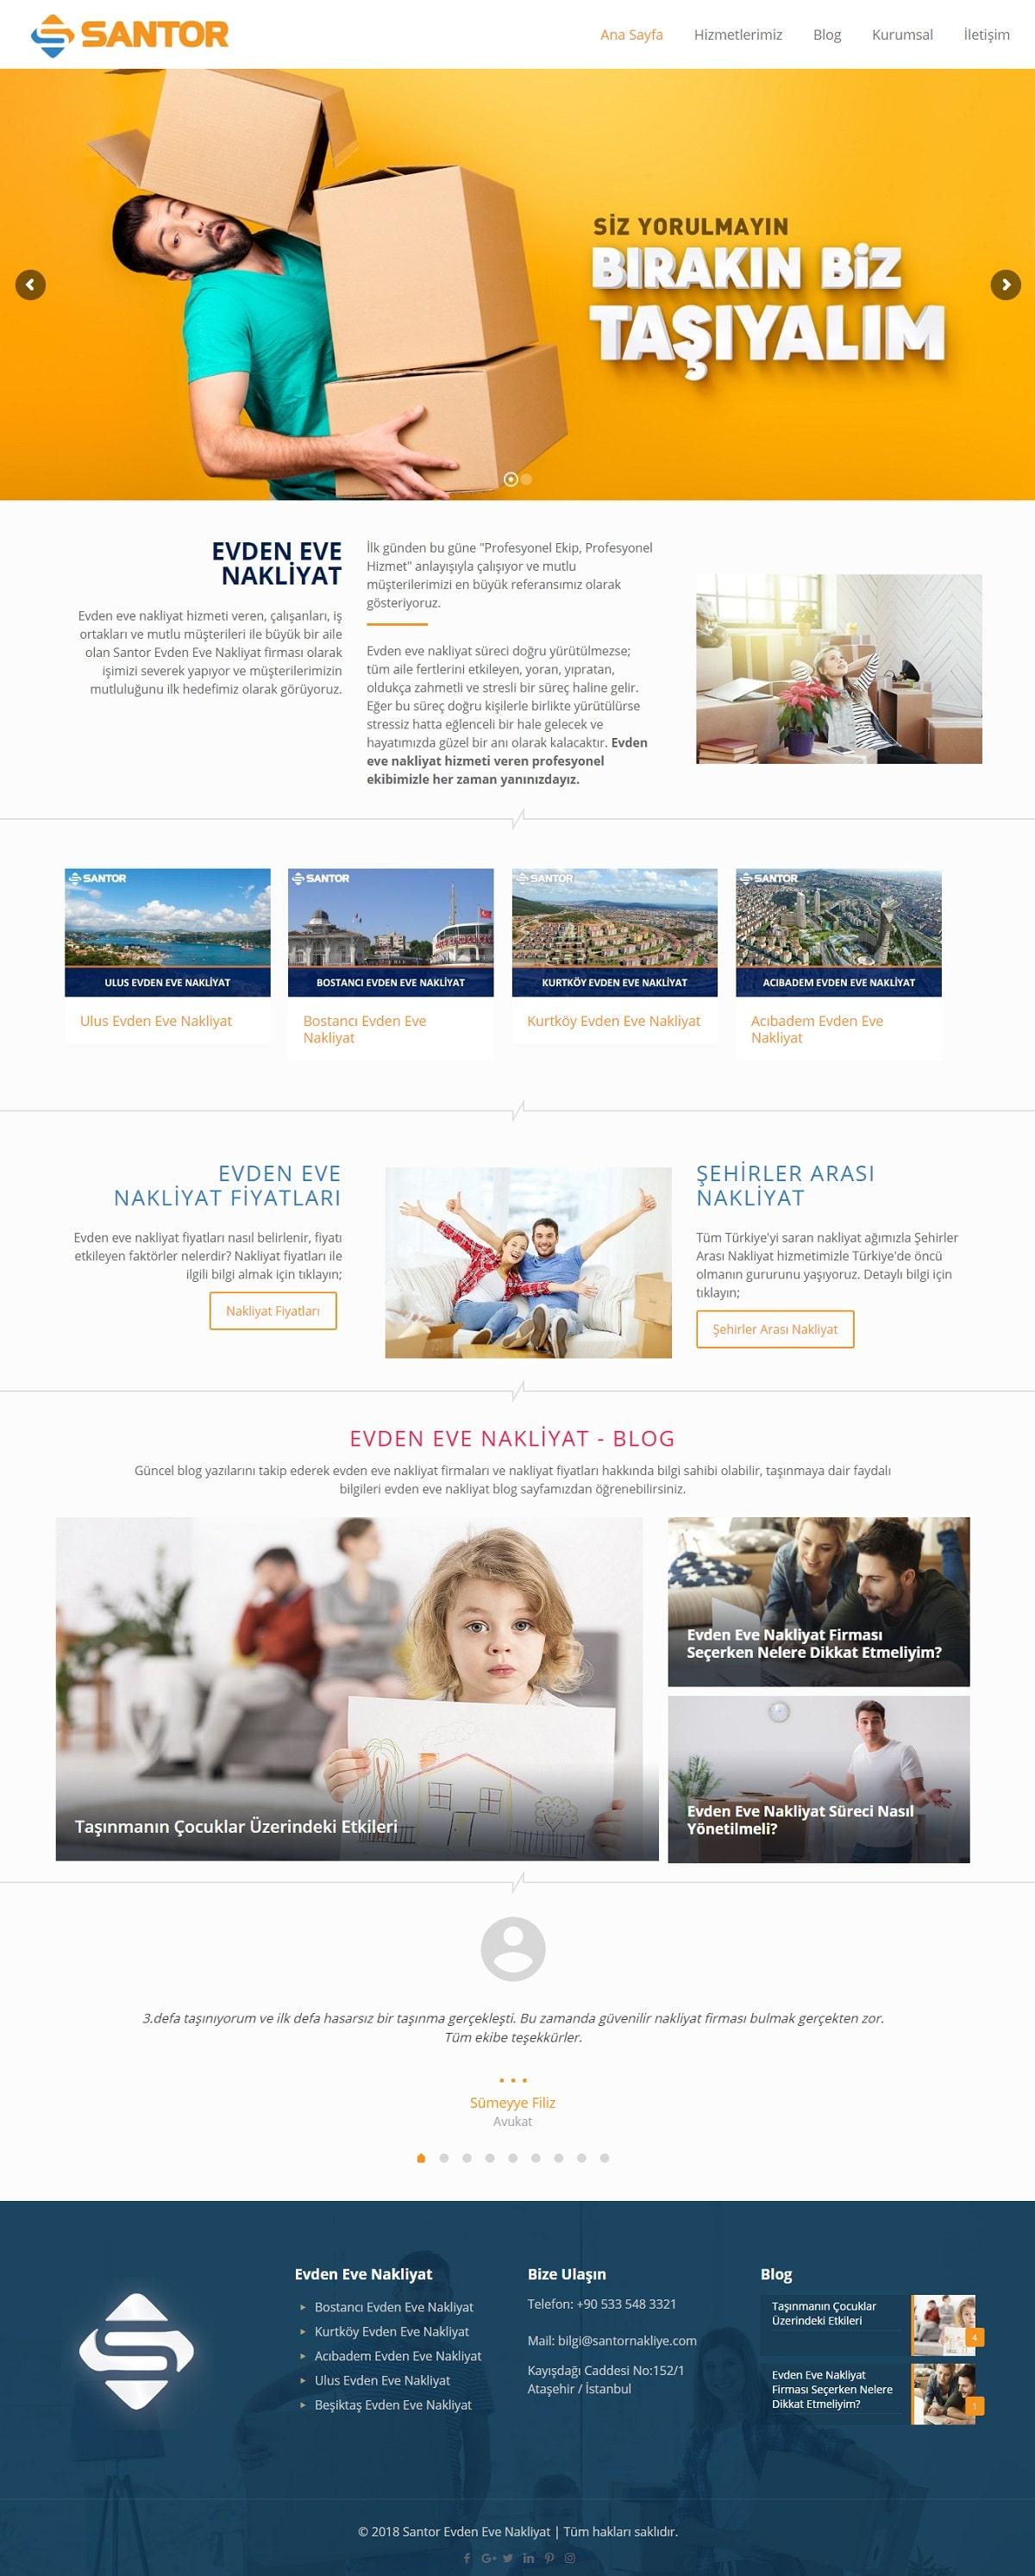 Santor Evden Eve Nakliyat Web Sitesi | Evden Eve Nakliyat Web Sitesi